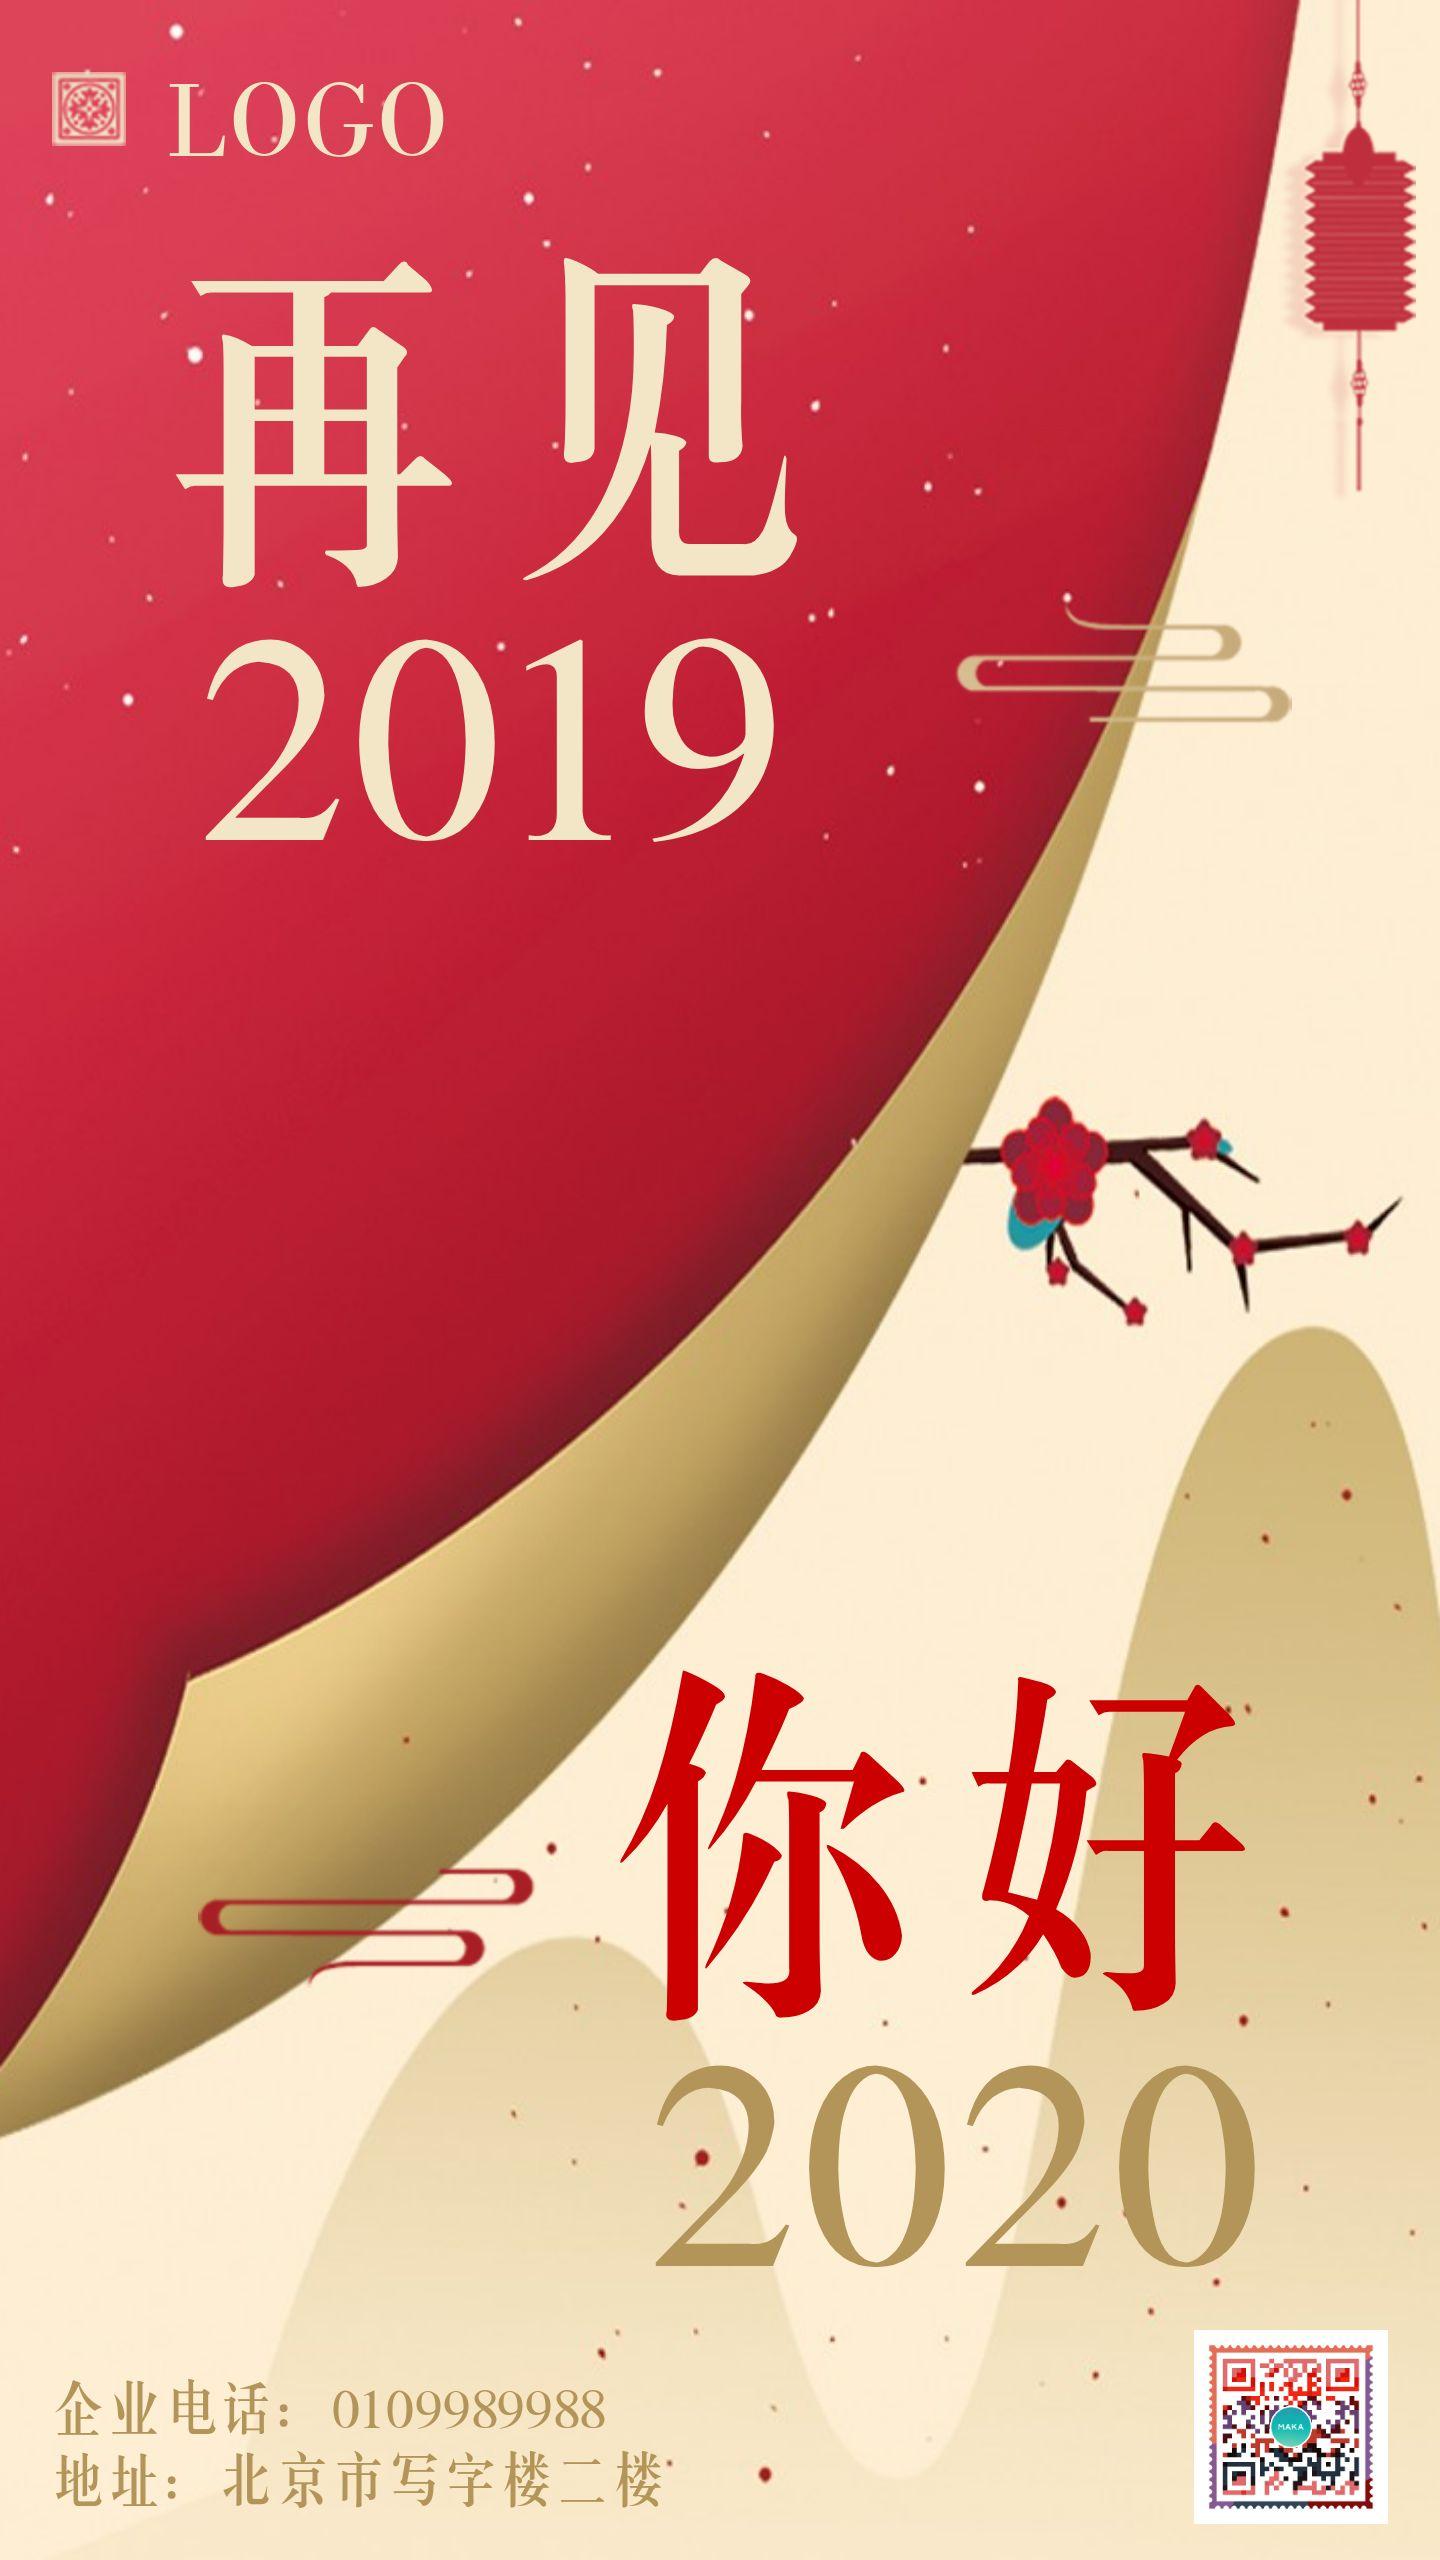 手绘风再见2019你好2020新年祝福海报